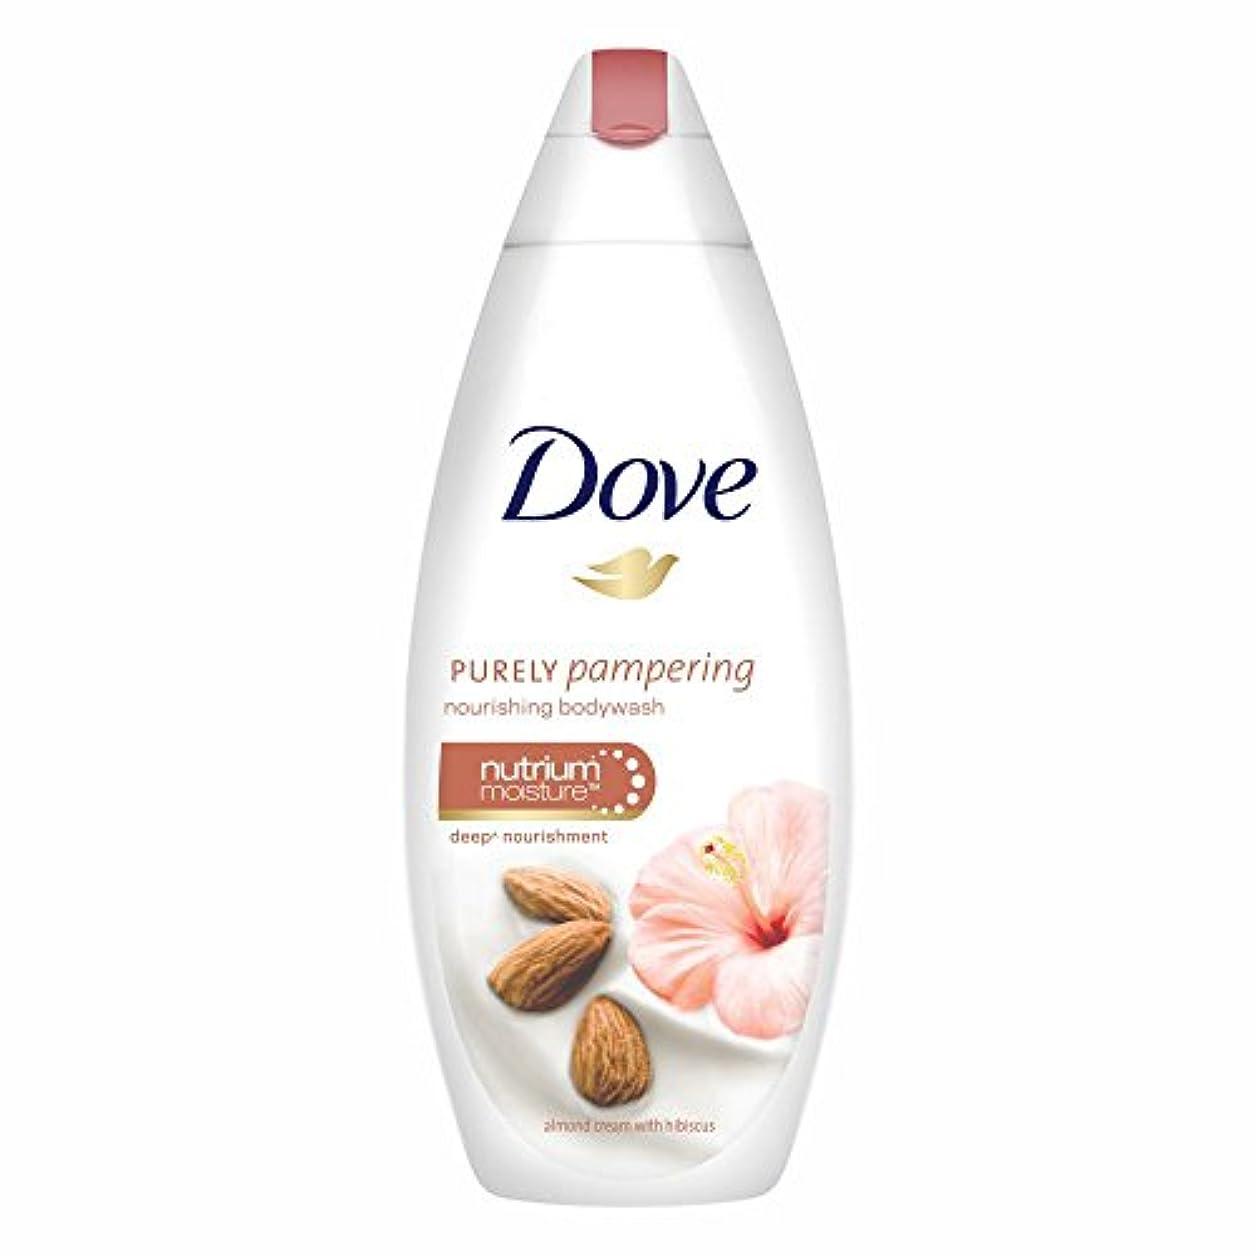 勧告売上高テーブルを設定するDove Purely Pampering Almond Cream and Hibiscus Body Wash, 190ml